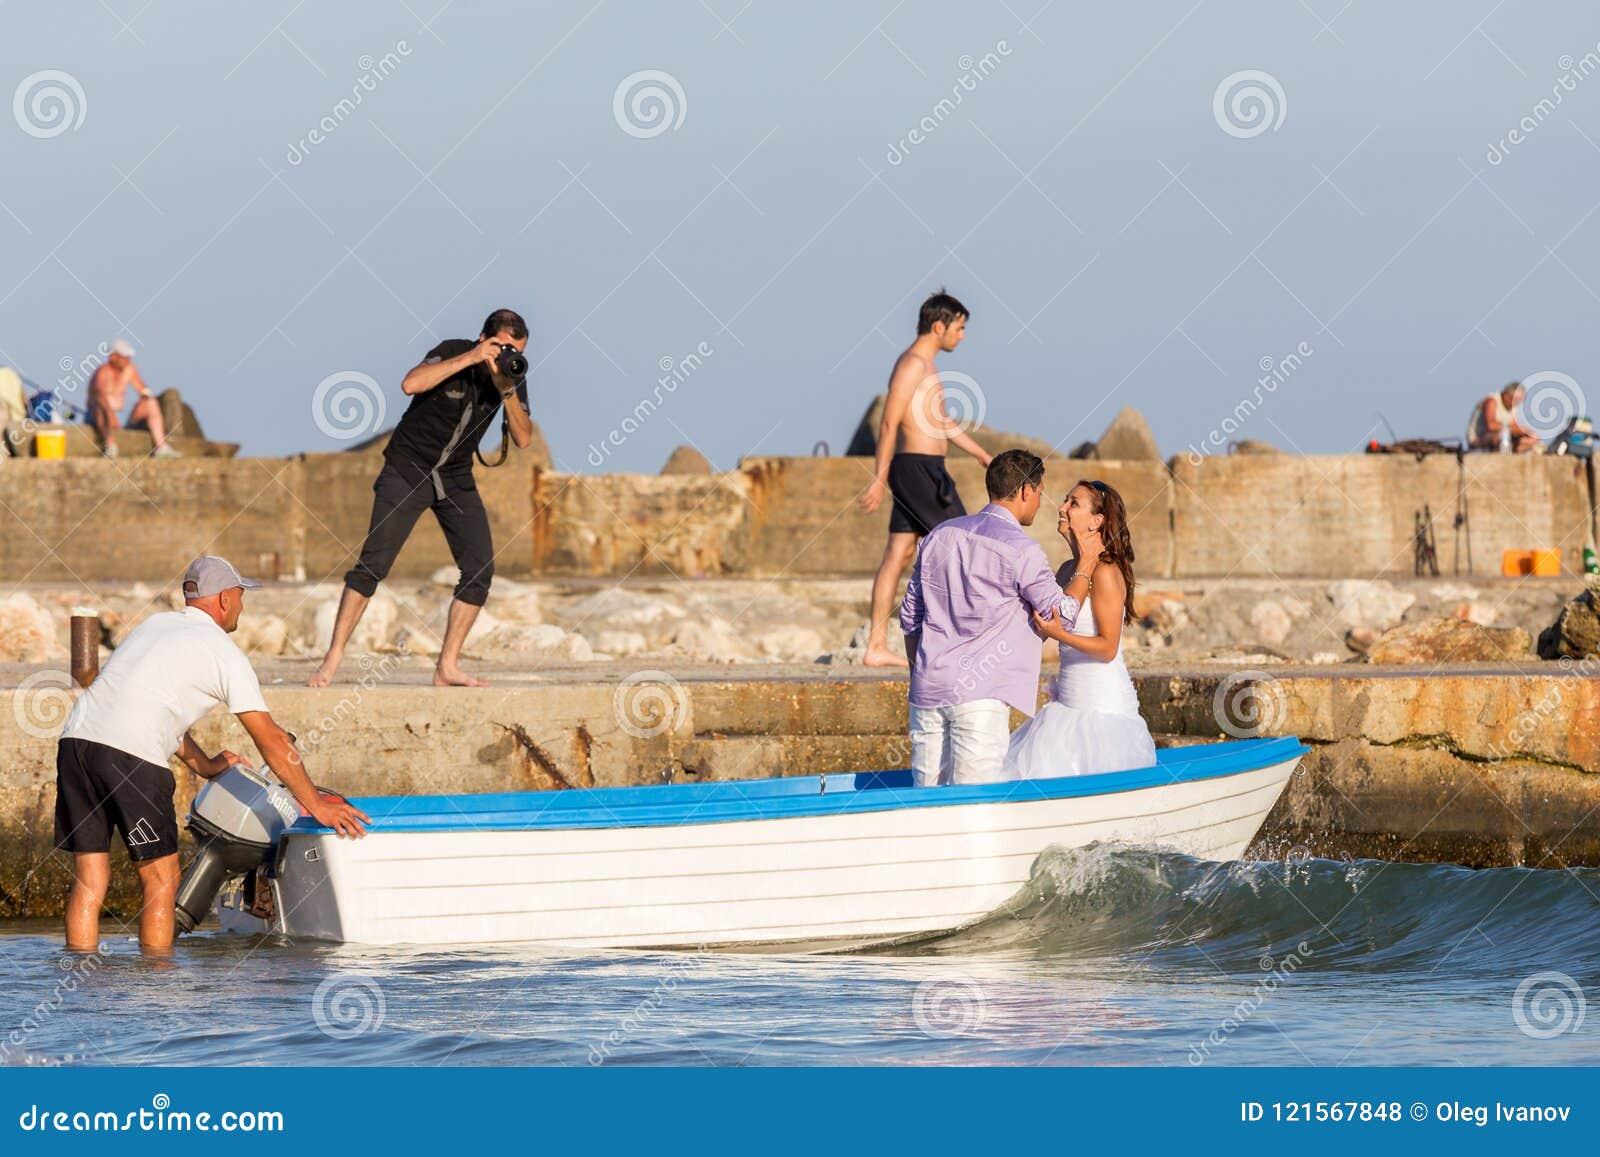 De fotograaf schiet een paar hartelijke jonggehuwden in een boot in de baai van de Zwarte Zee